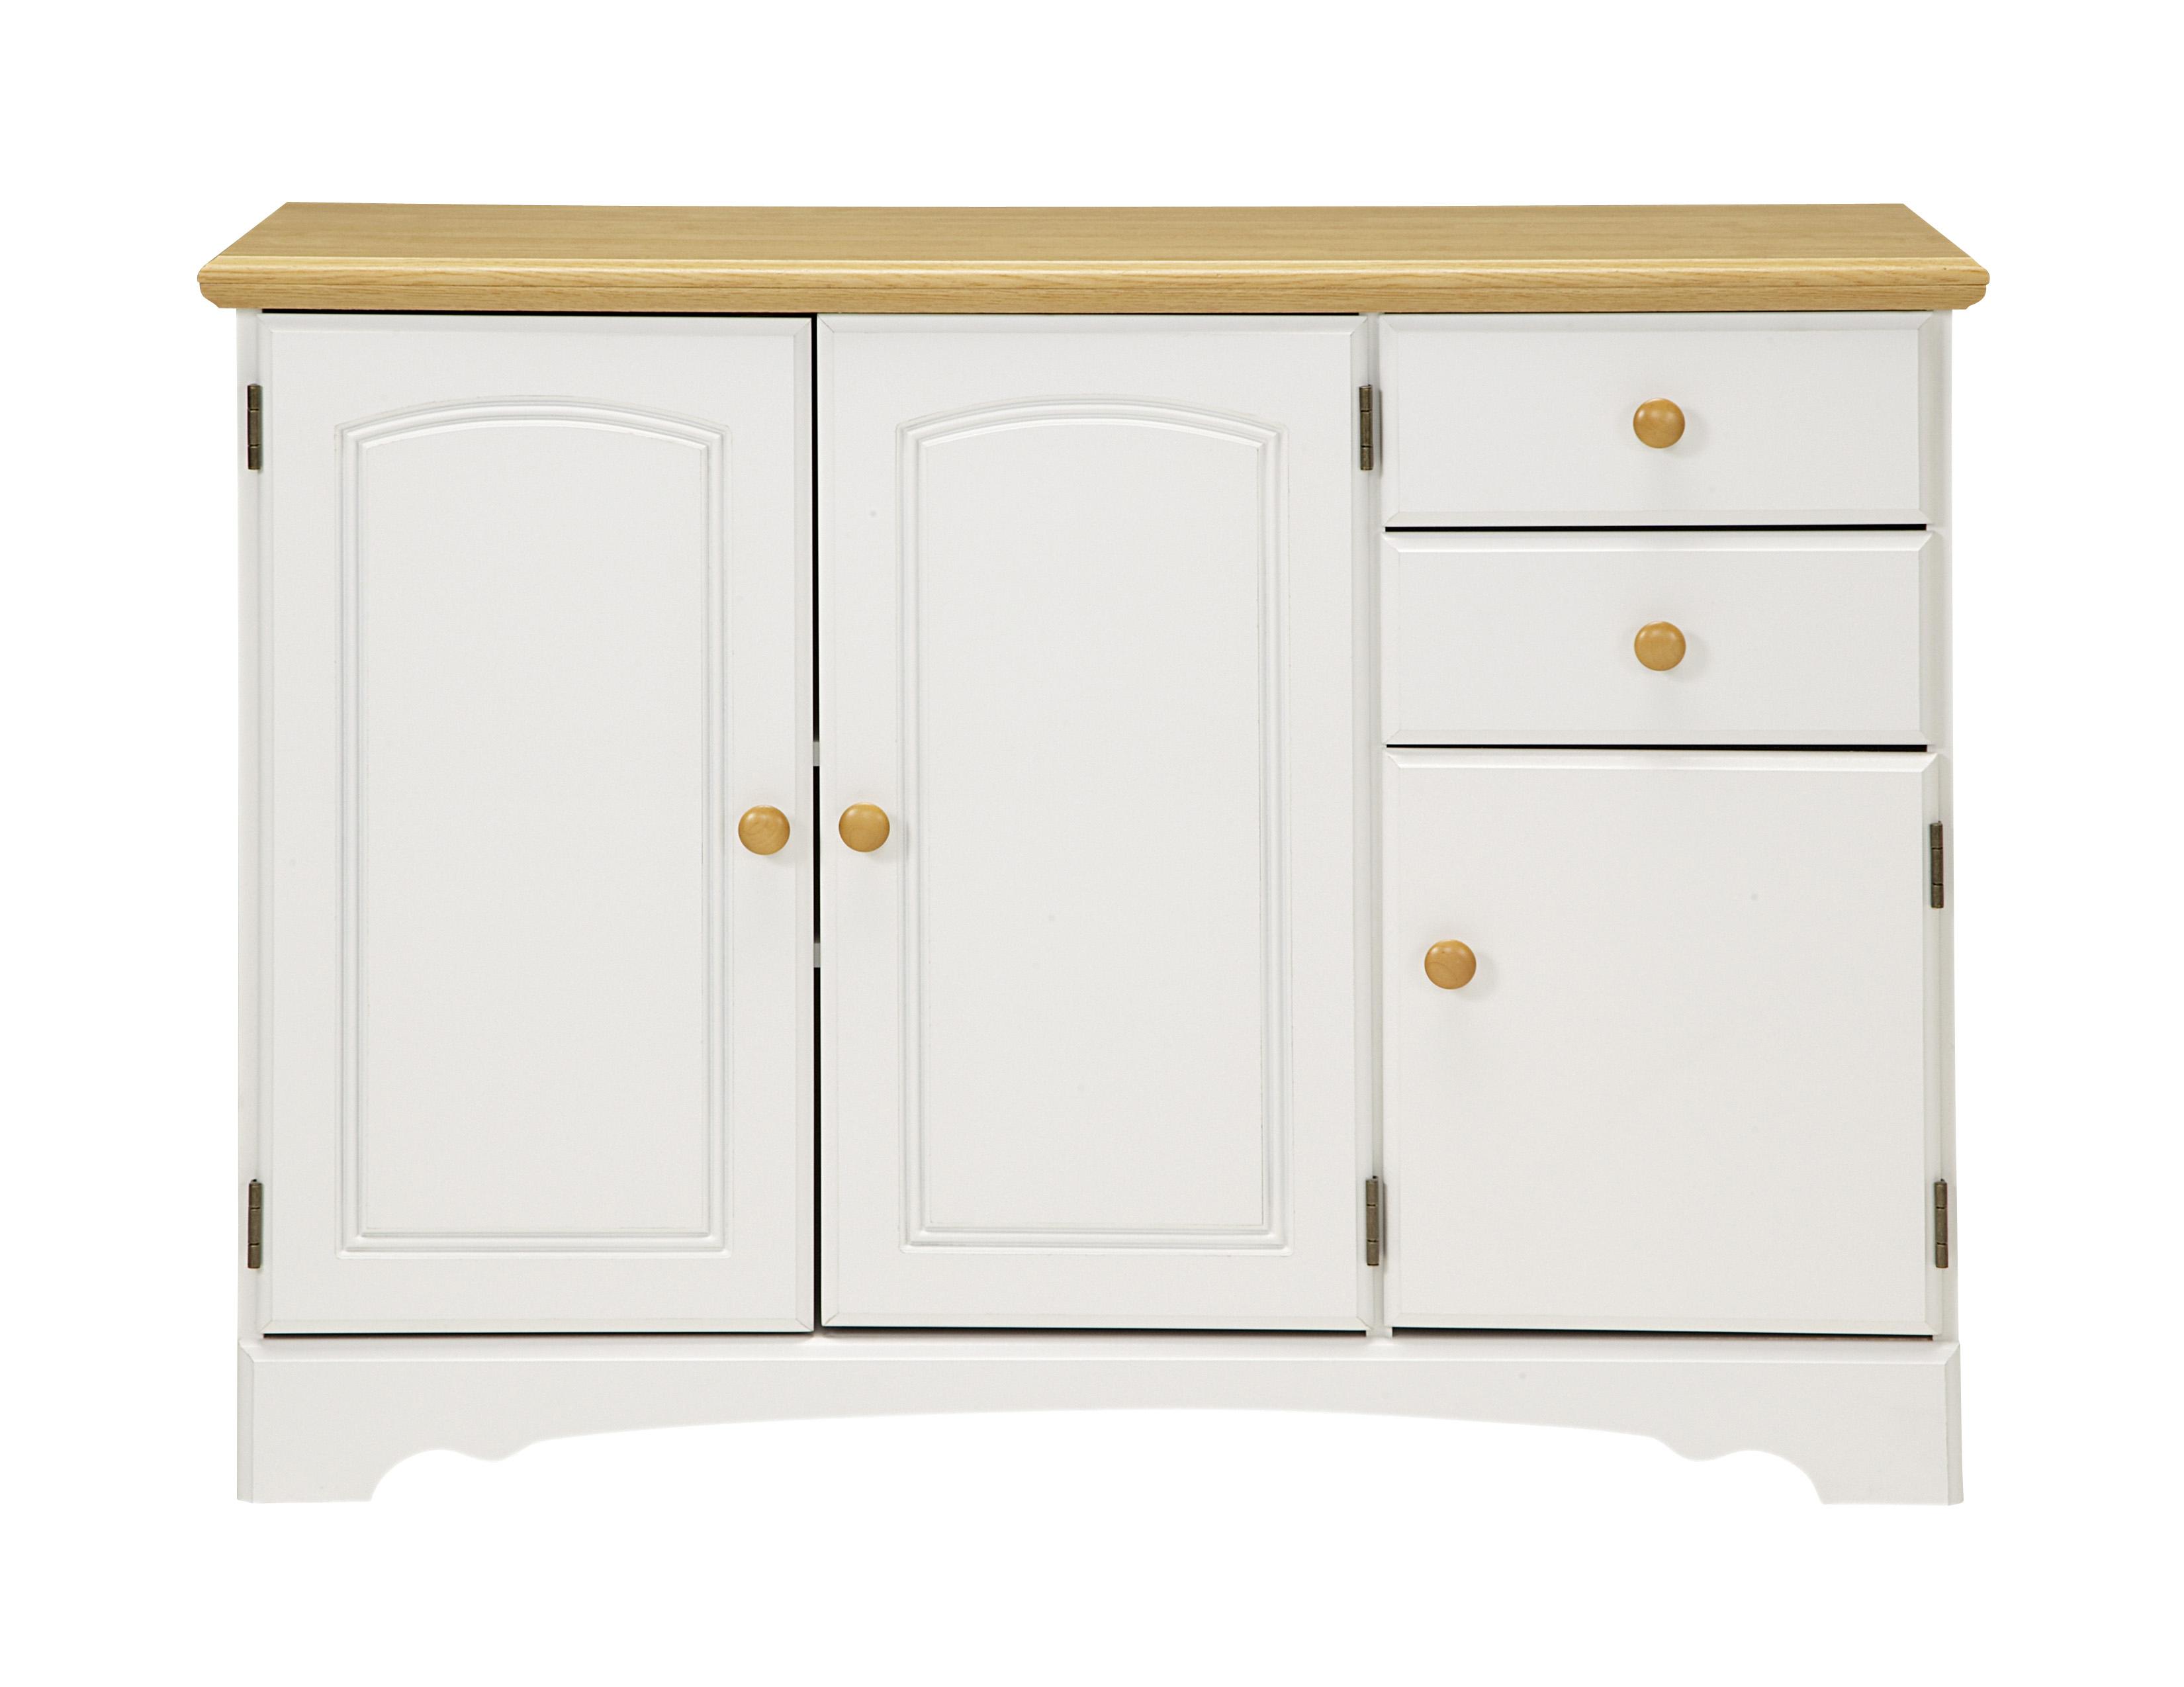 furniture dining room furniture sideboard dining. Black Bedroom Furniture Sets. Home Design Ideas